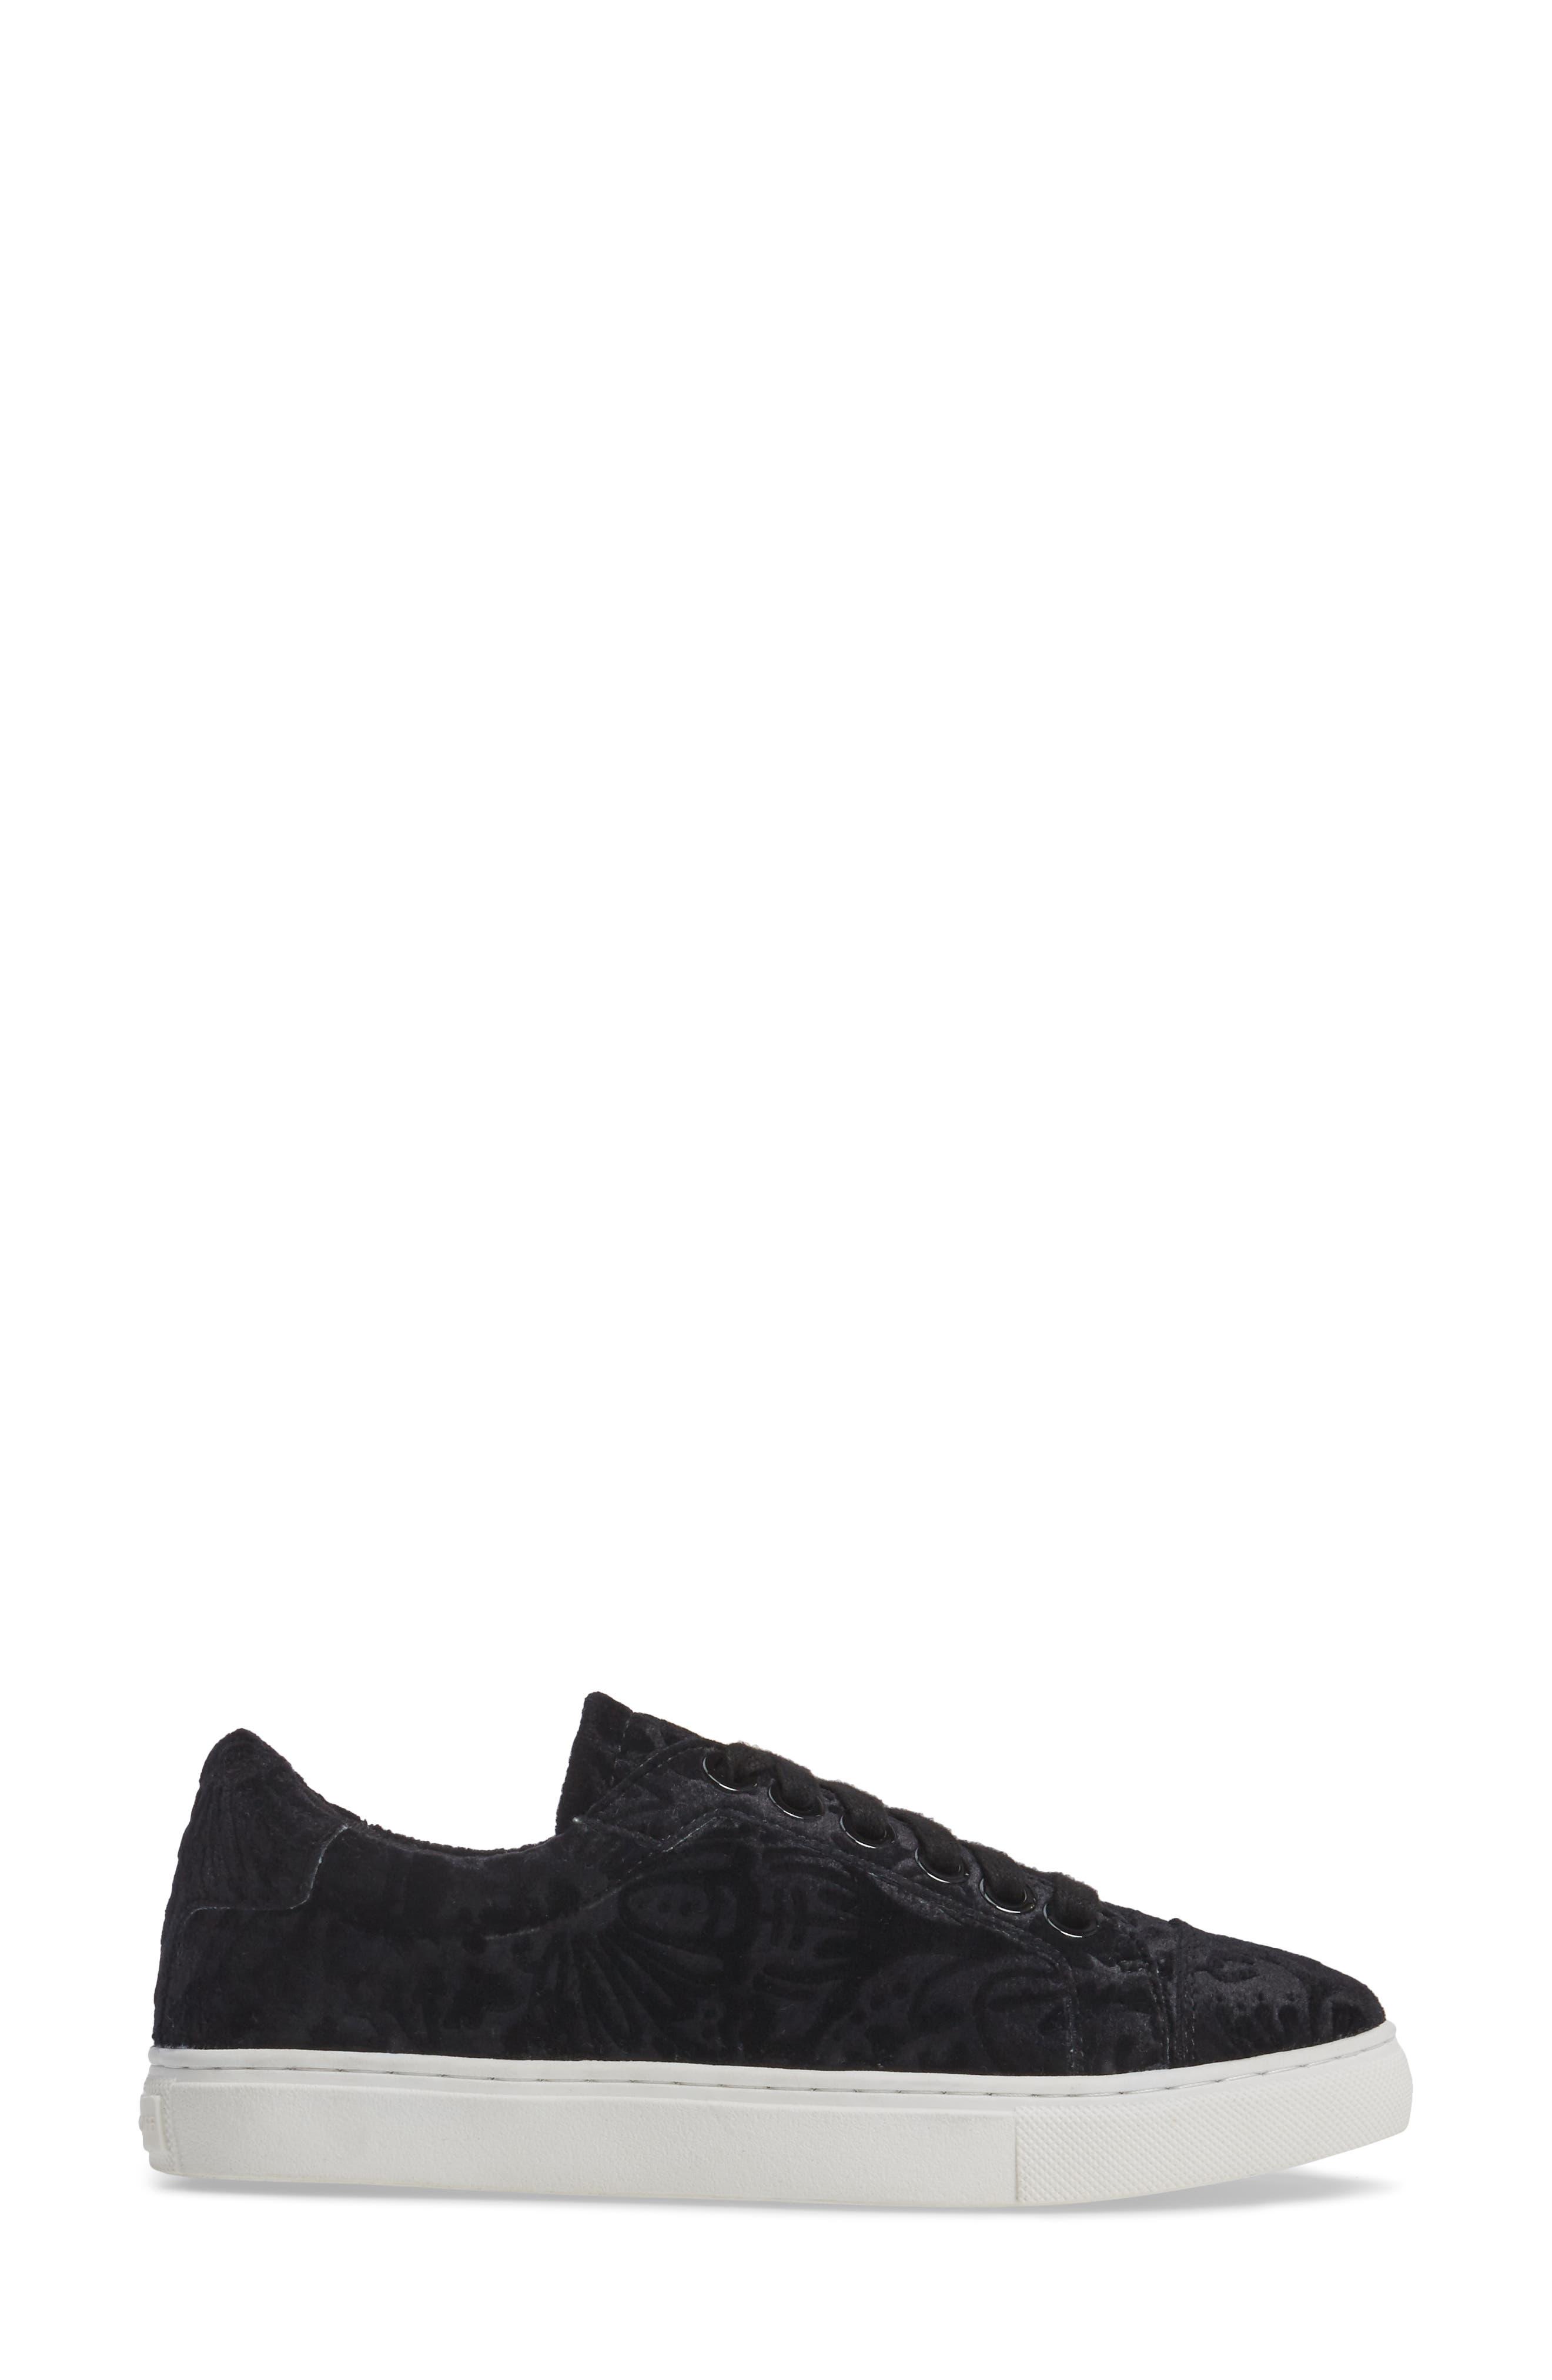 Bleecker Too Sneaker,                             Alternate thumbnail 3, color,                             001